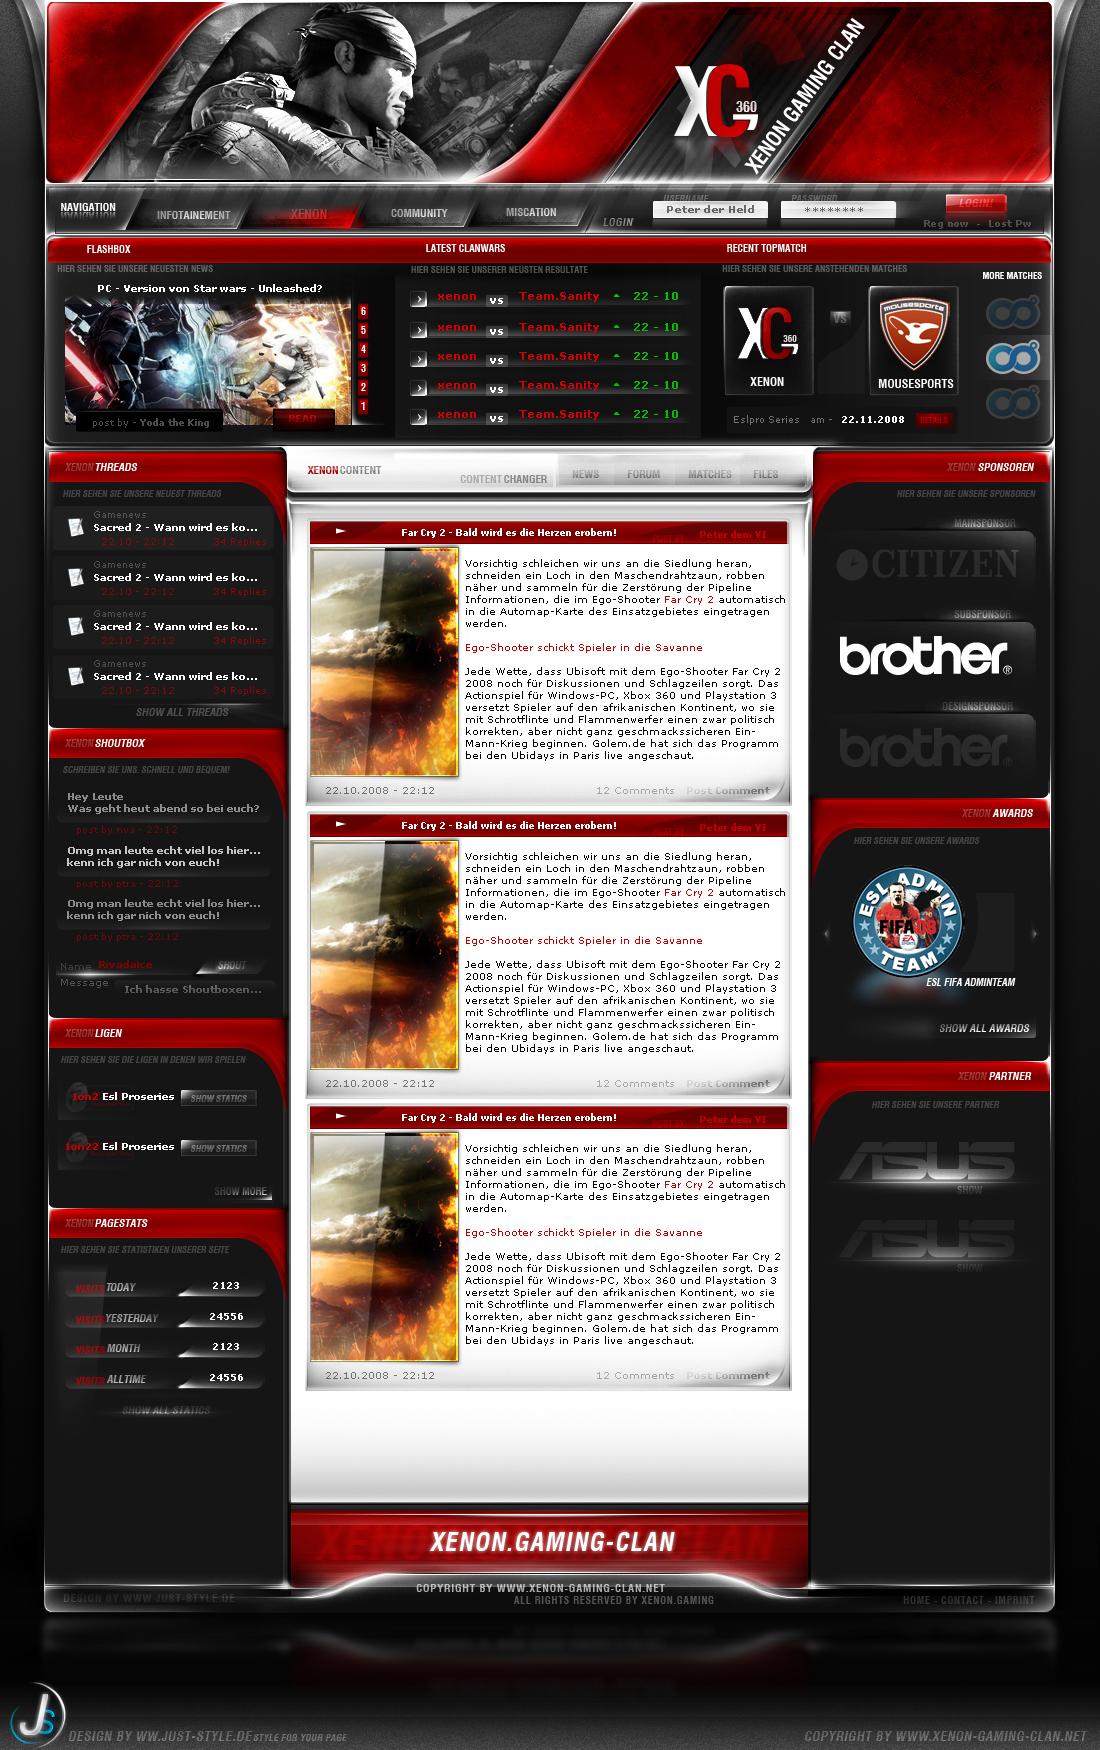 Xenon-Gaming 1.0 by rivadaice